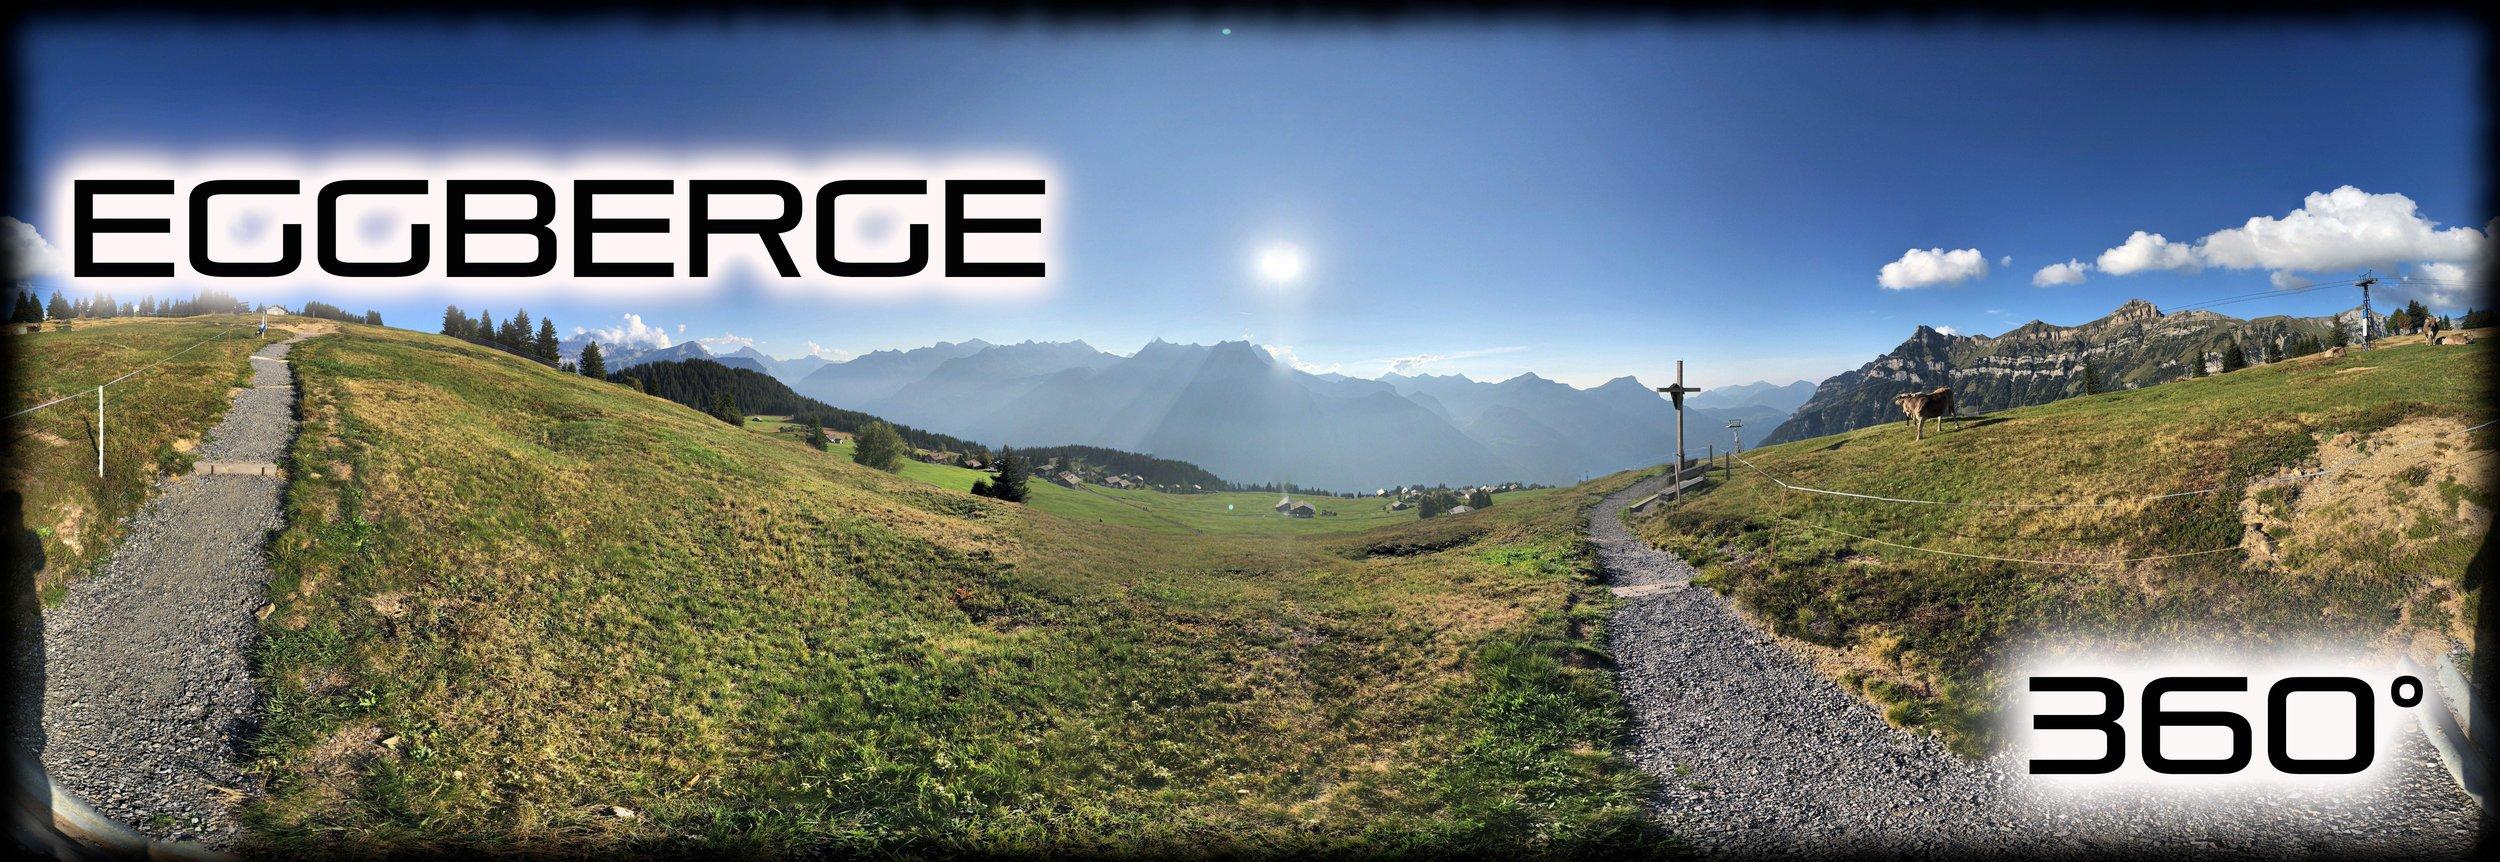 Eggberge 360° Wanderung